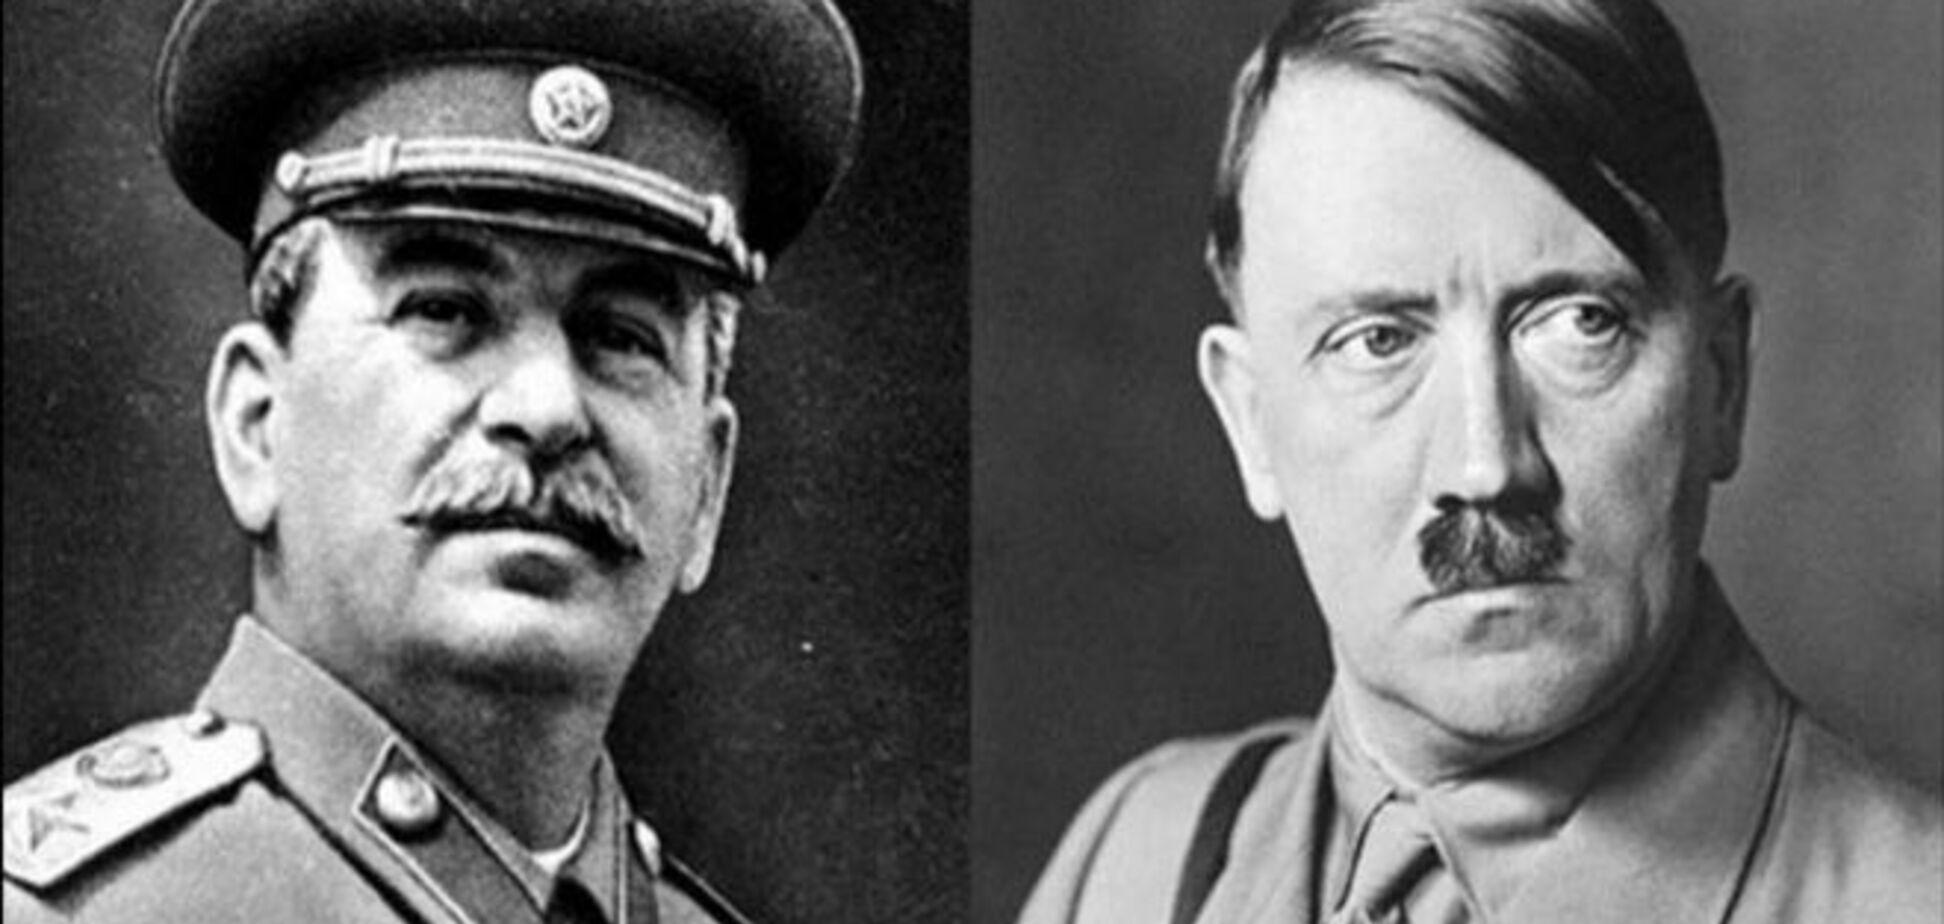 'Готовый к услугам' Сталин просился в банду. Но Гитлер его не взял